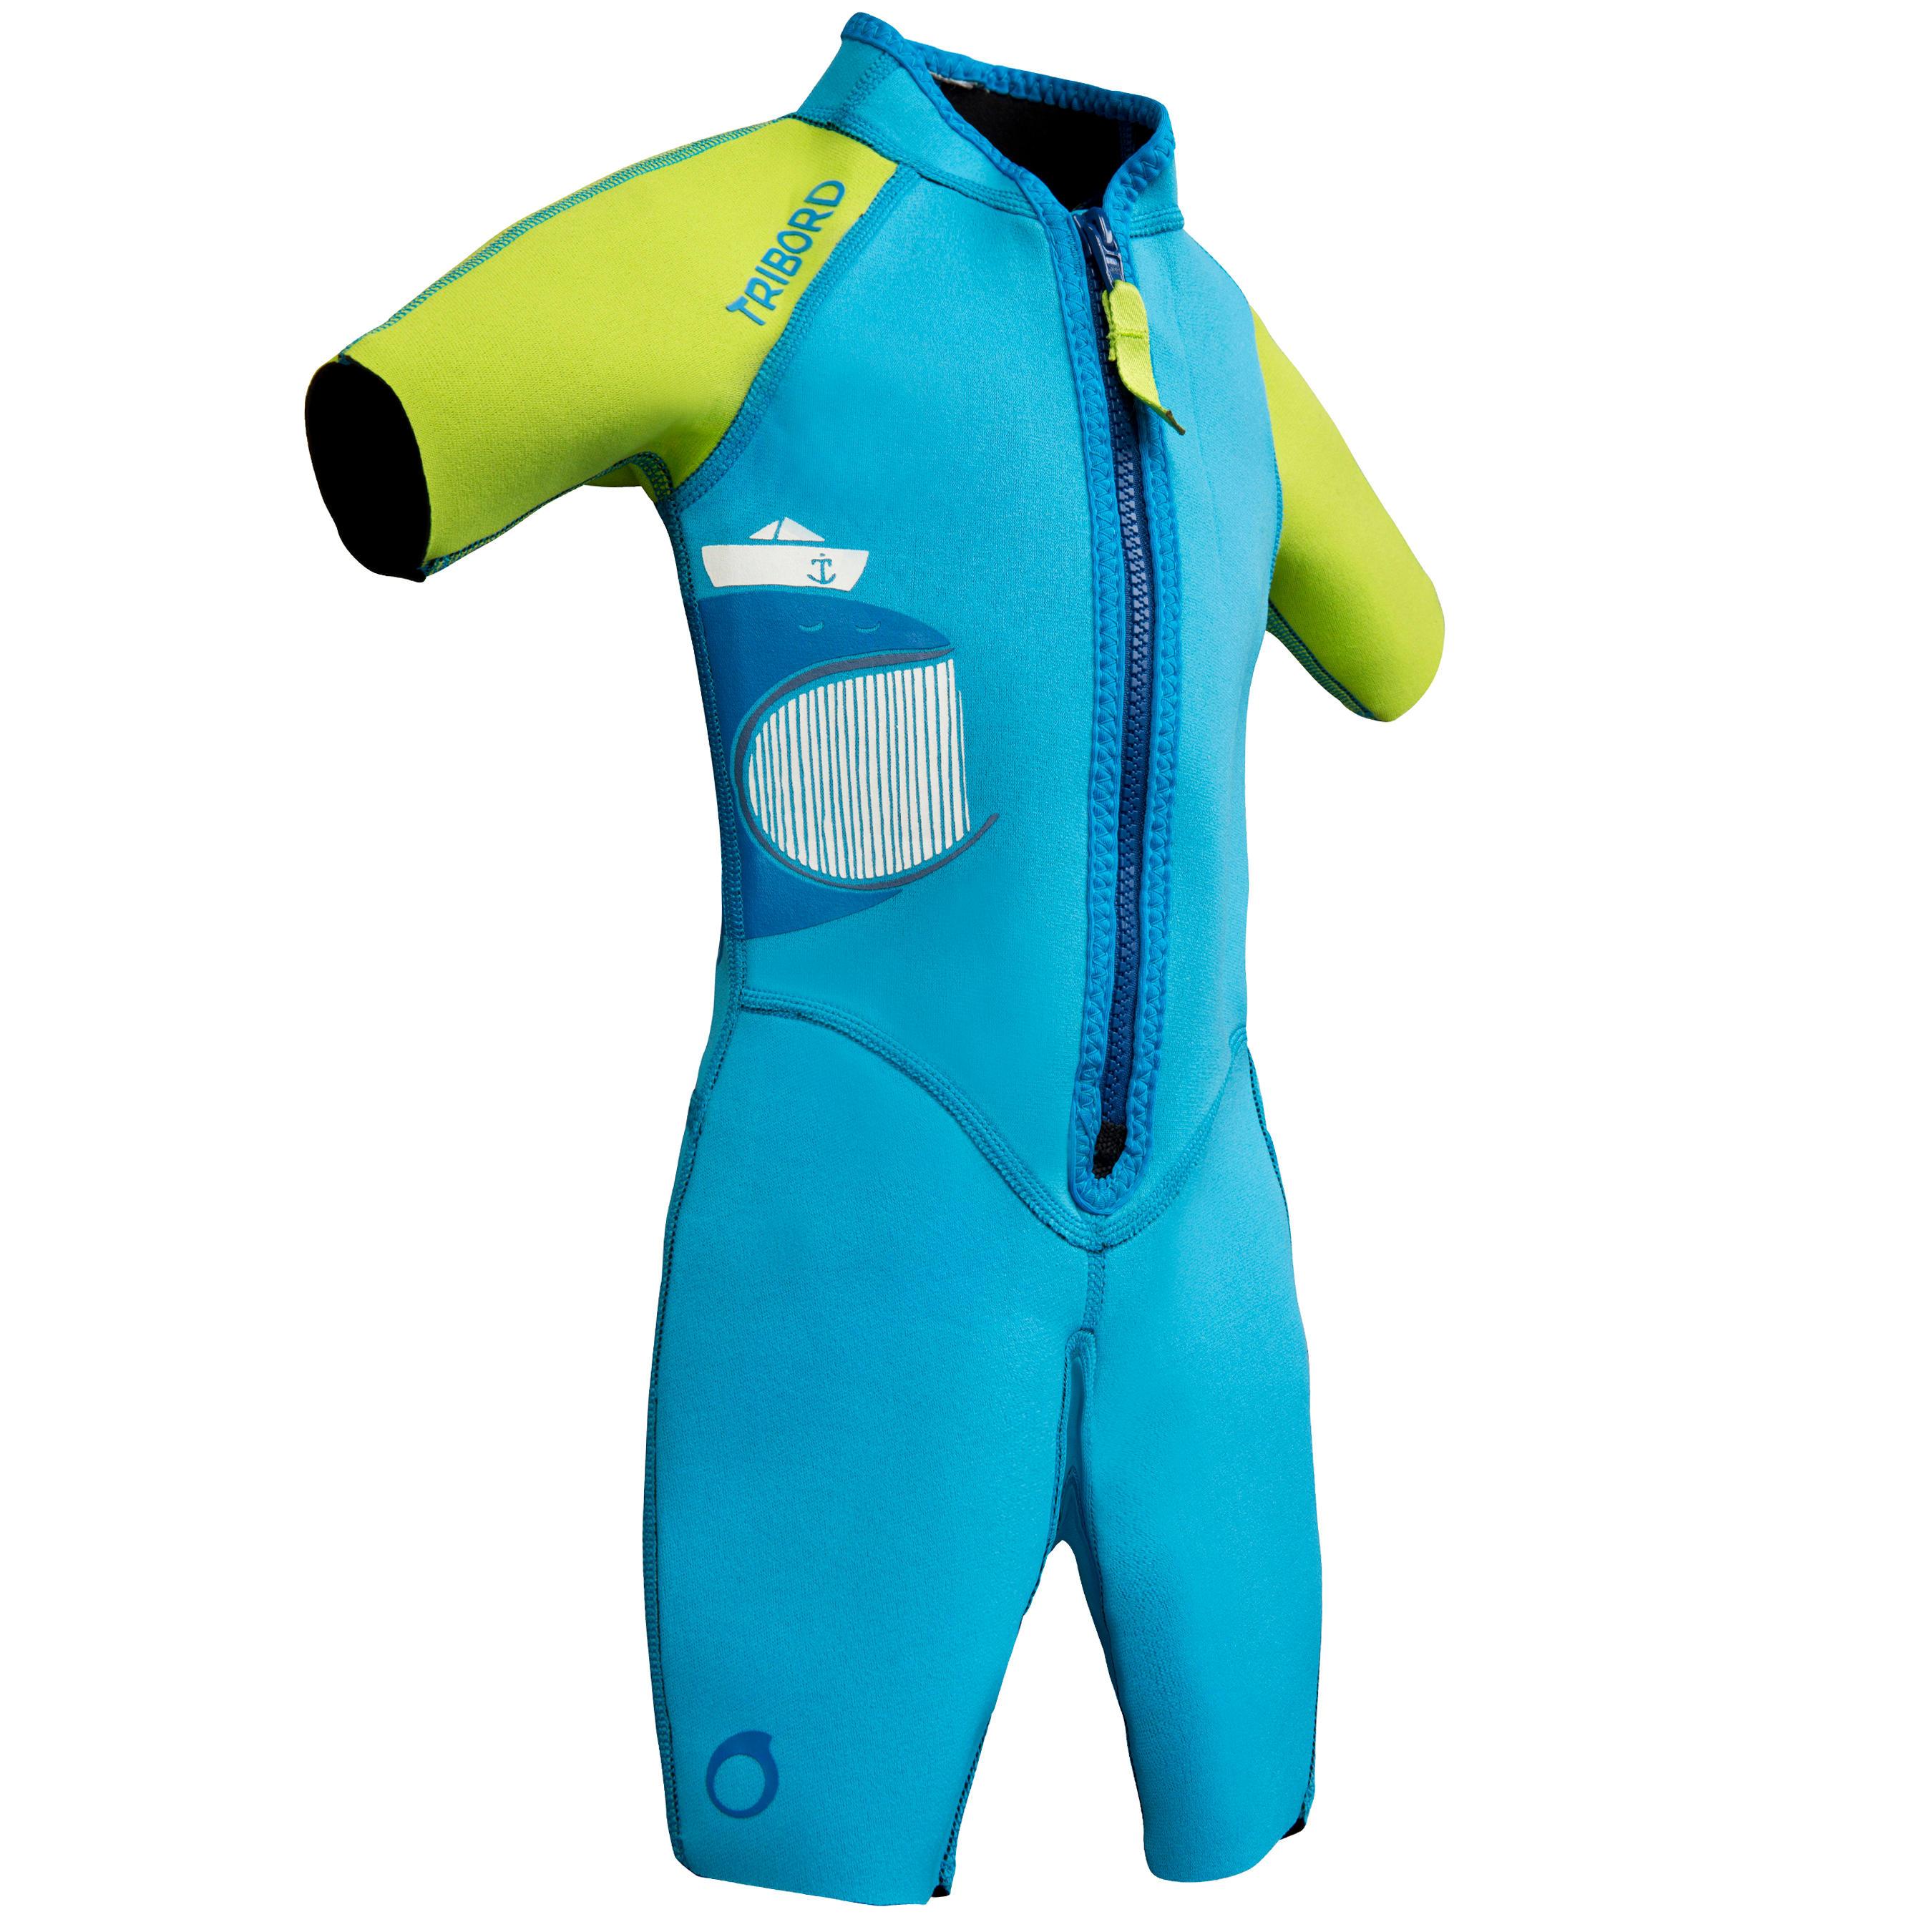 Subea Kindershorty 100 voor snorkelen blauw/groen